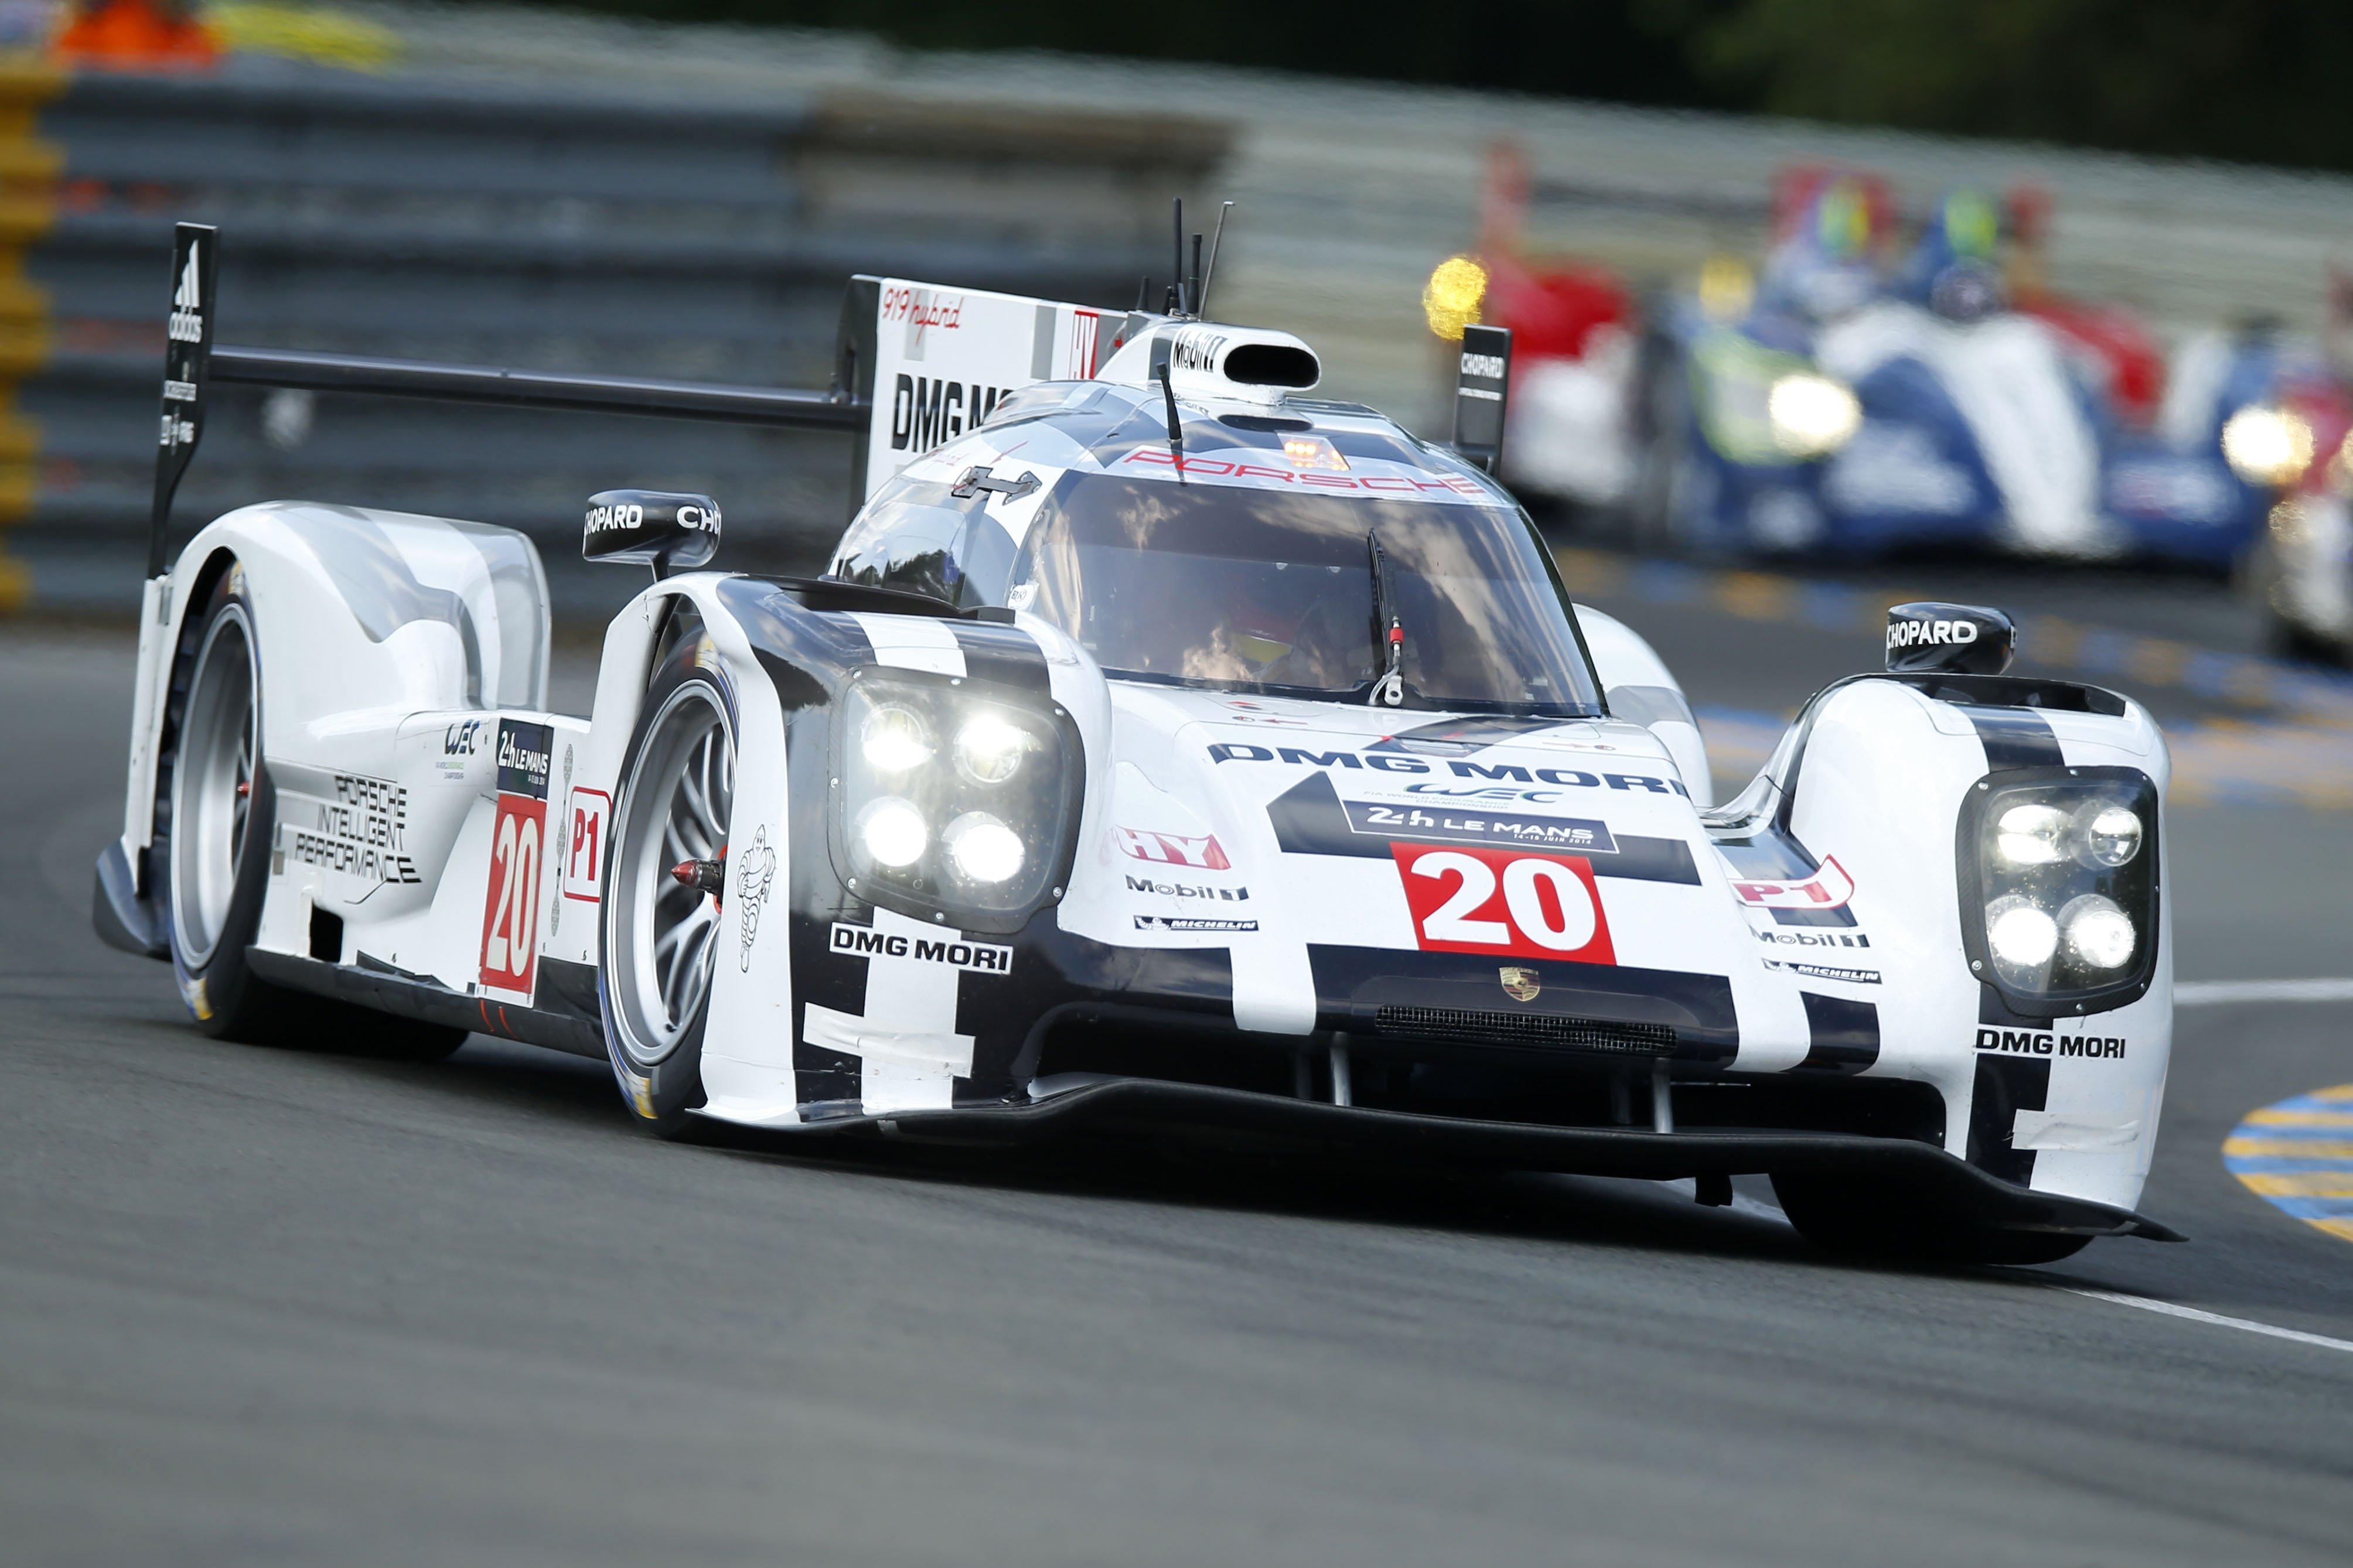 2014 Porsche 919 Hybrid Le-Mans race racing rally lemans wallpaper ...